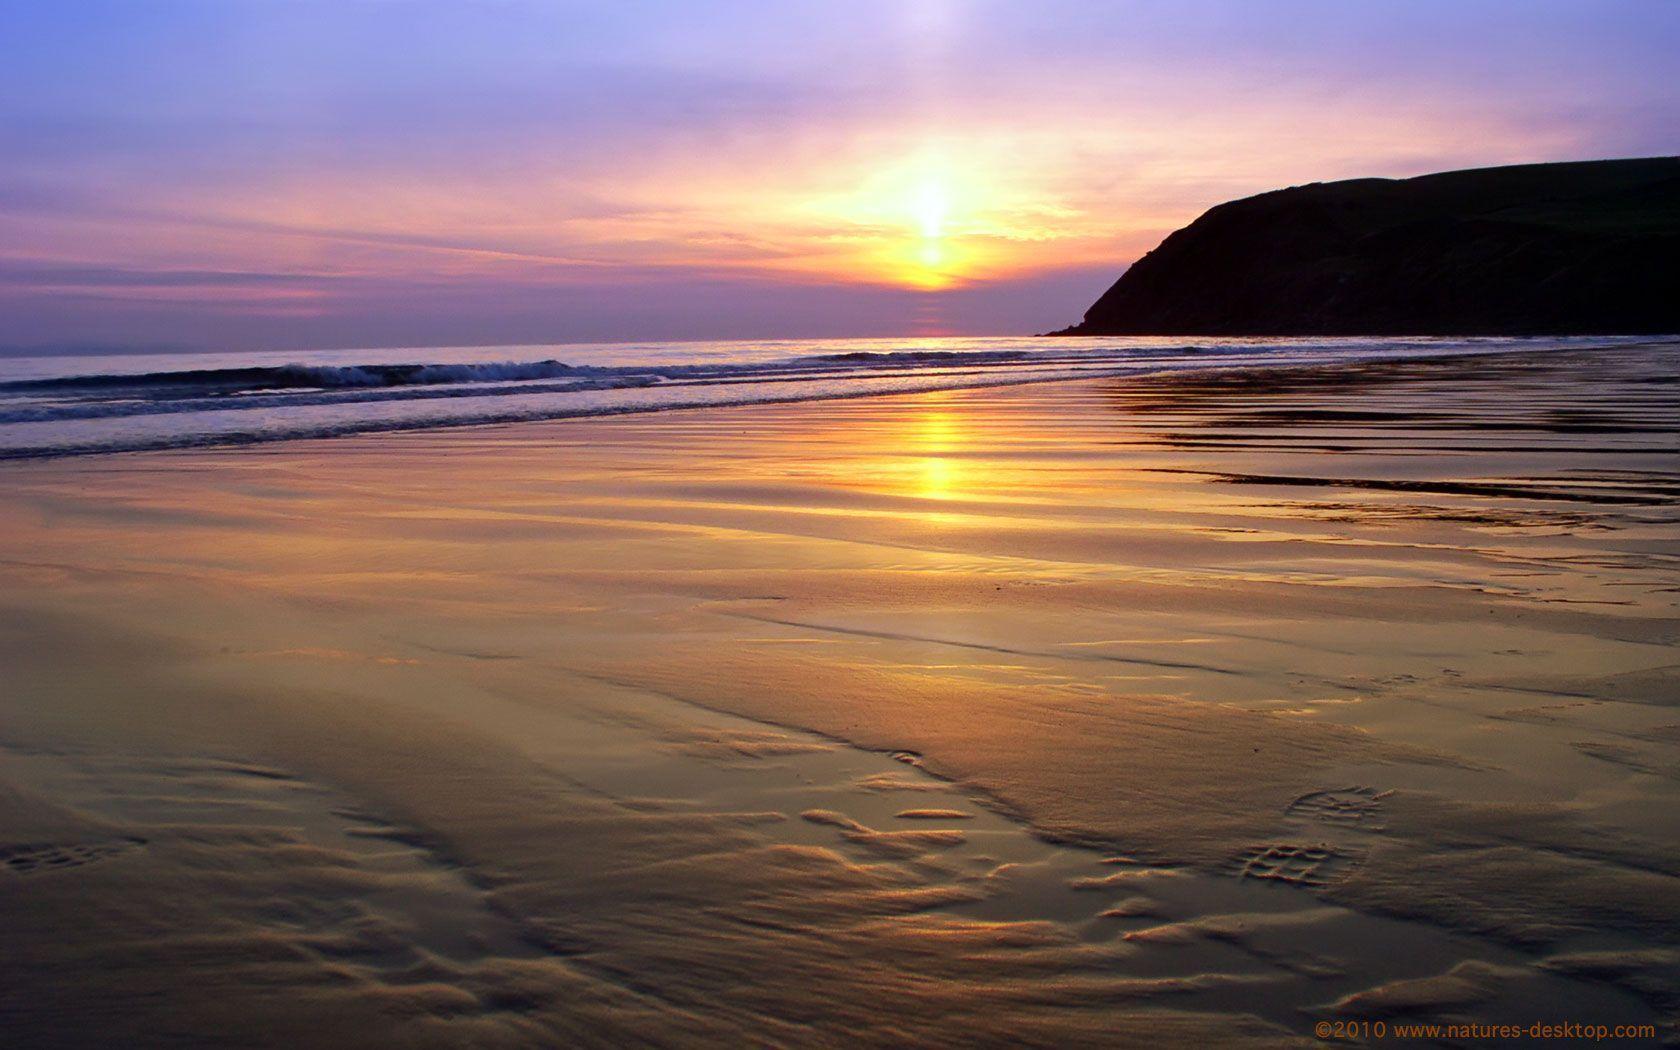 Sunset Beach Backgrounds - Wallpaper CaveBeach Sunset Backgrounds For Computer